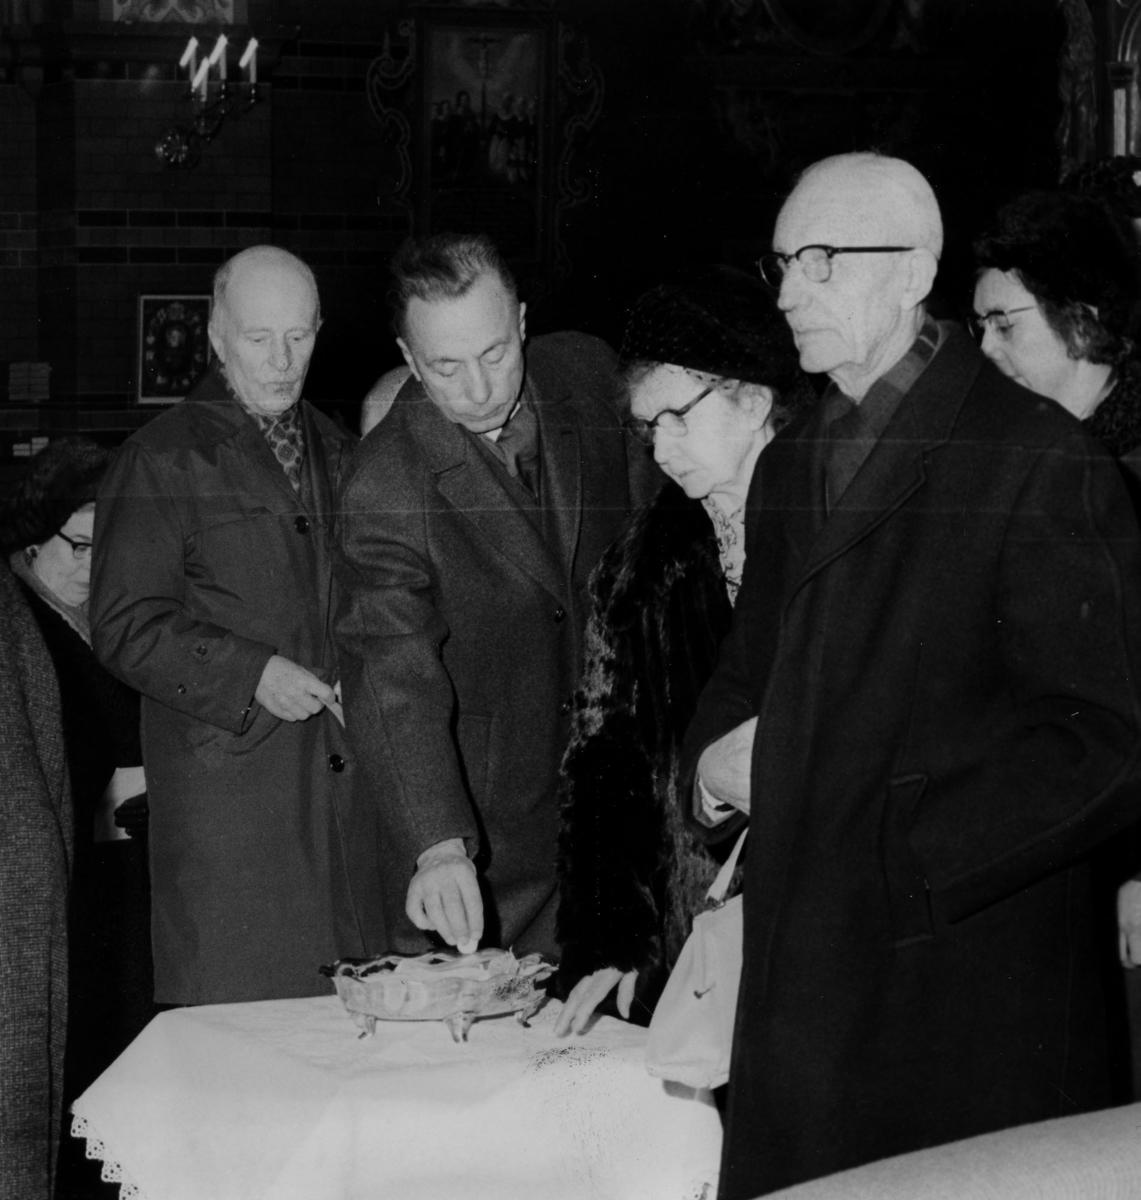 Kollekterna i kyrkan 2/1-8/1-1966, 2:a från vänster John Wilson.